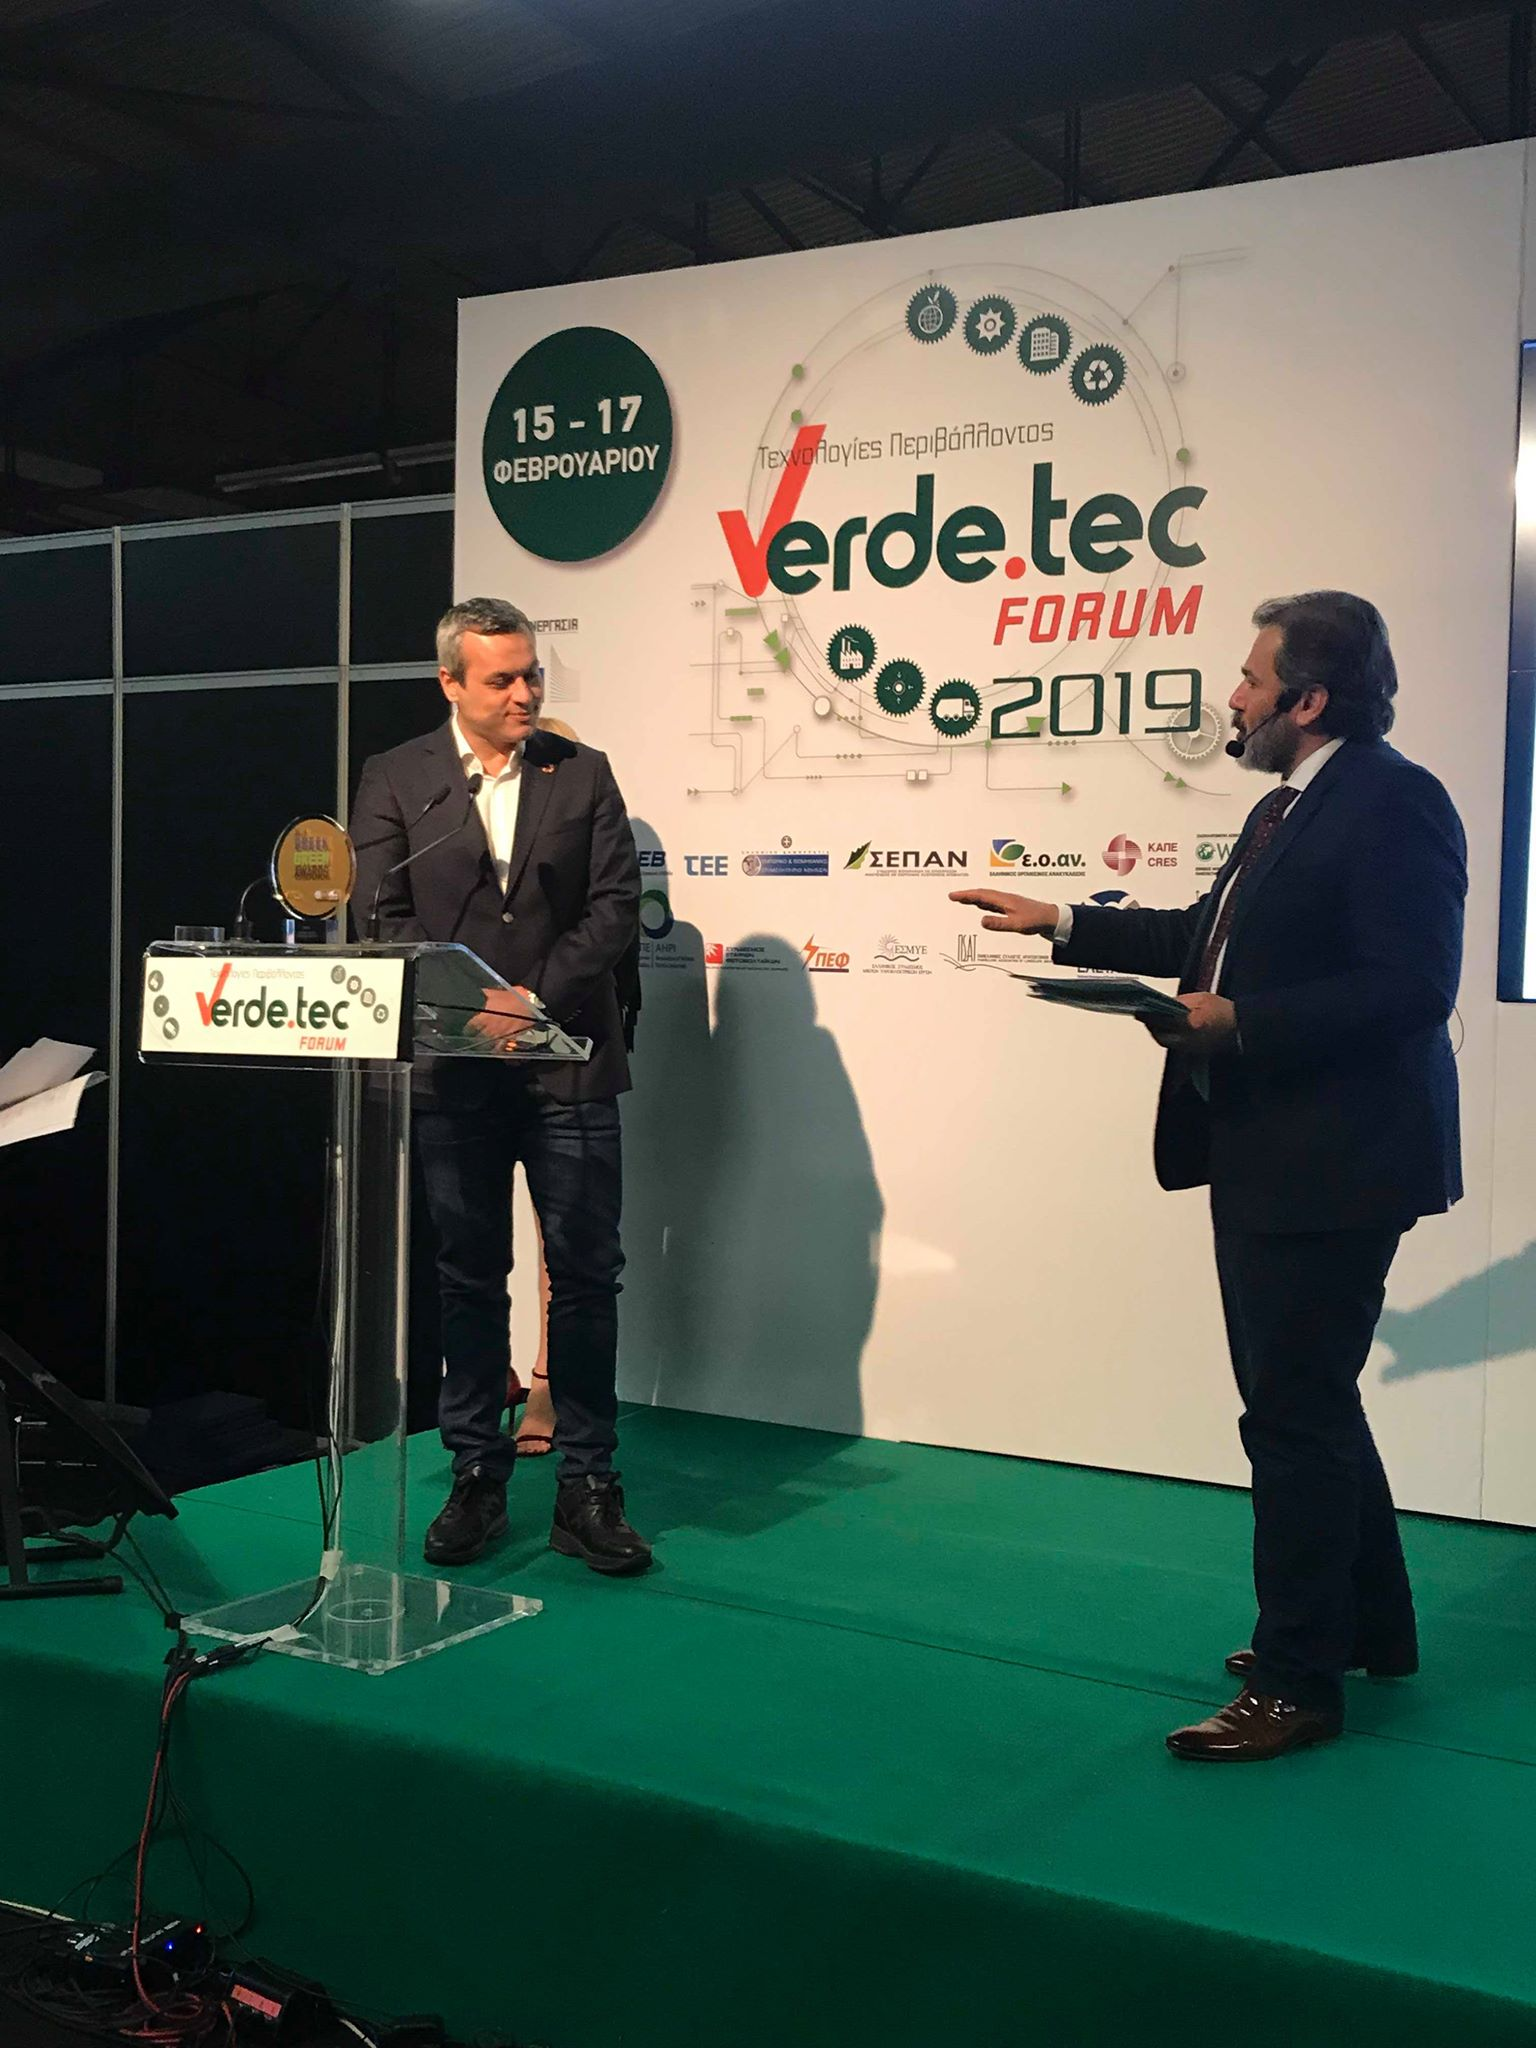 Βραβείο για τον Ε.Σ.Δ.Α.Κ. στα Green Travel Awards 2019 για το πρόγραμμα LIFE F4F – Εντυπωσίασε και το Περιβαλλοντικό Πάρκο Κυκλικής Οικονομίας